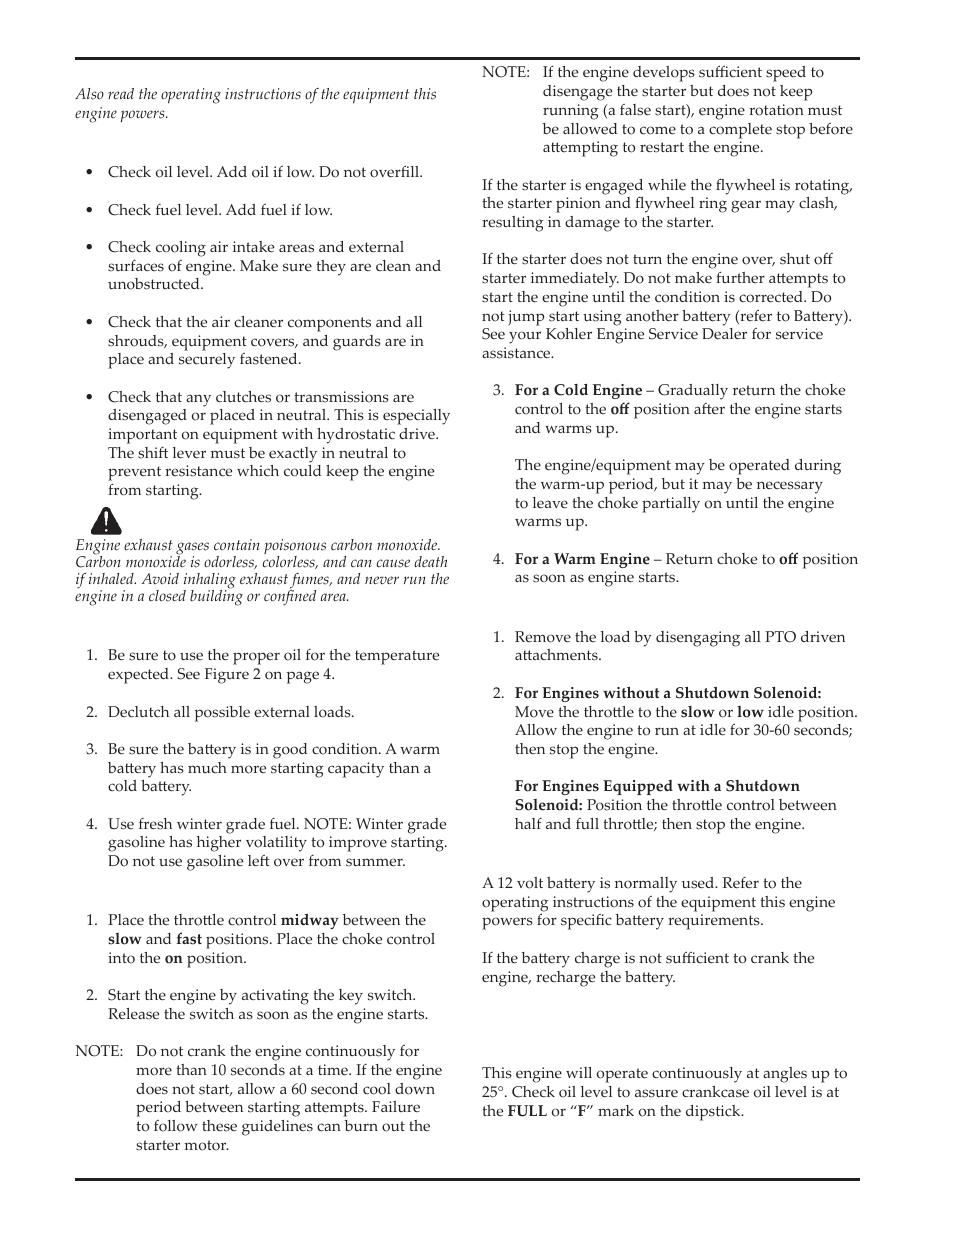 kohler courage sv720 user manual page 6 20 original mode rh manualsdir com Kohler Engine Parts Catalog Kohler Lawn Mower Engines